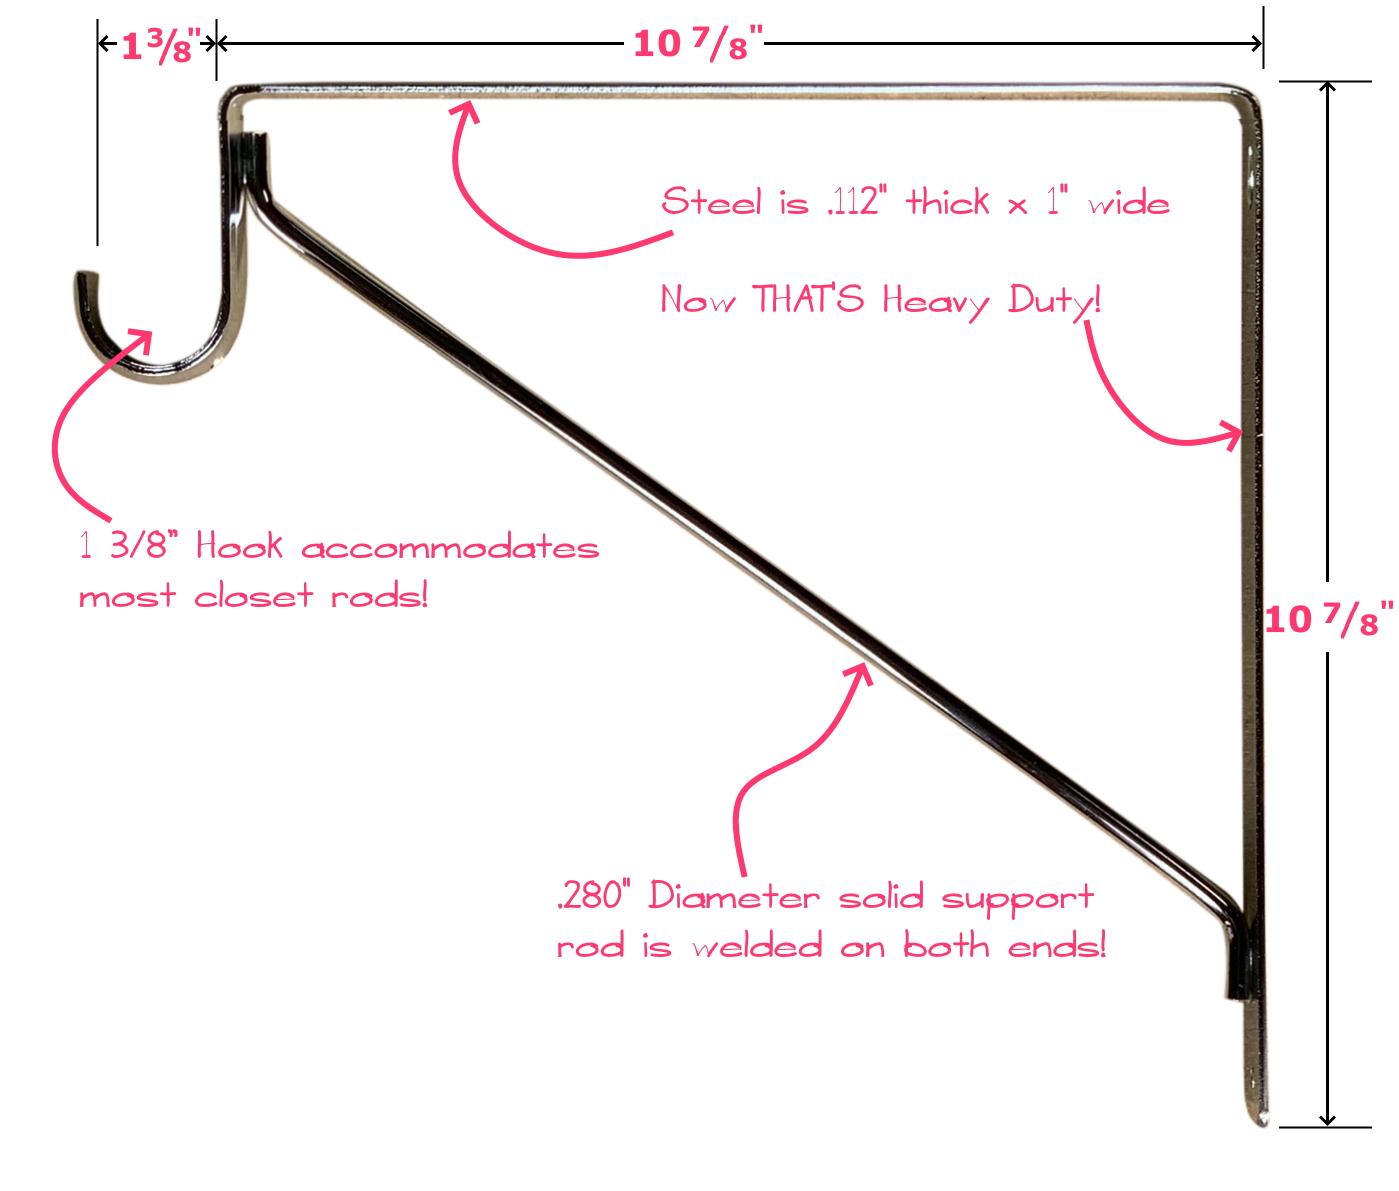 Fixed Closet Shelf Bracket for Round Rod - Black